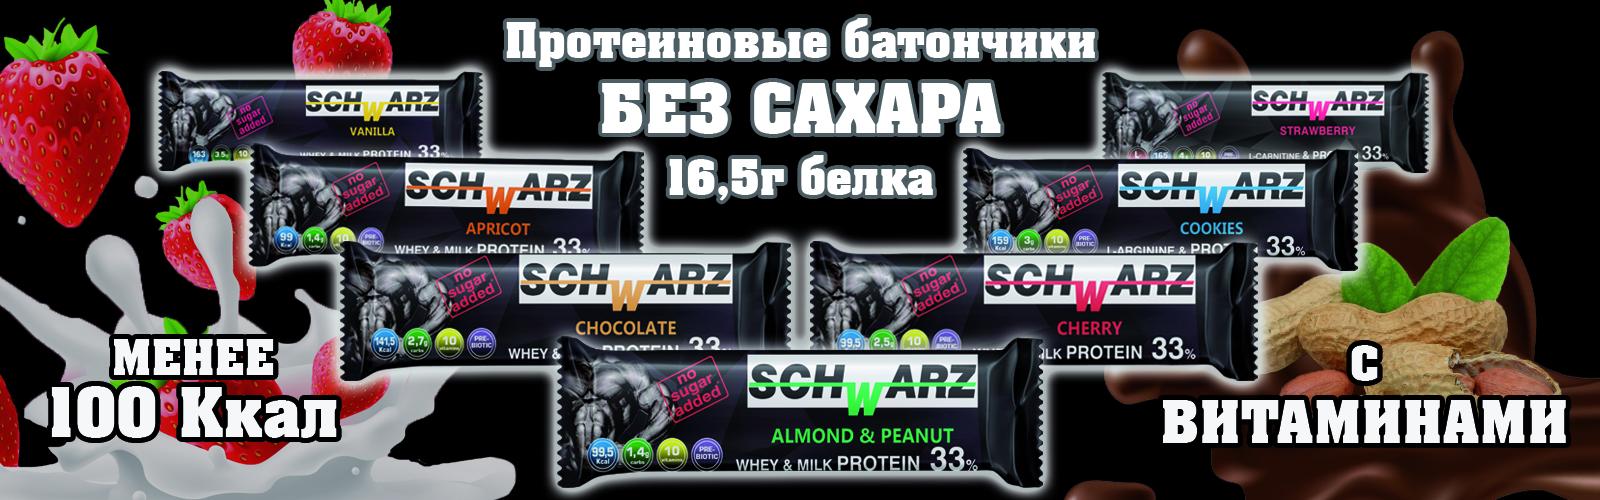 2 Шварц